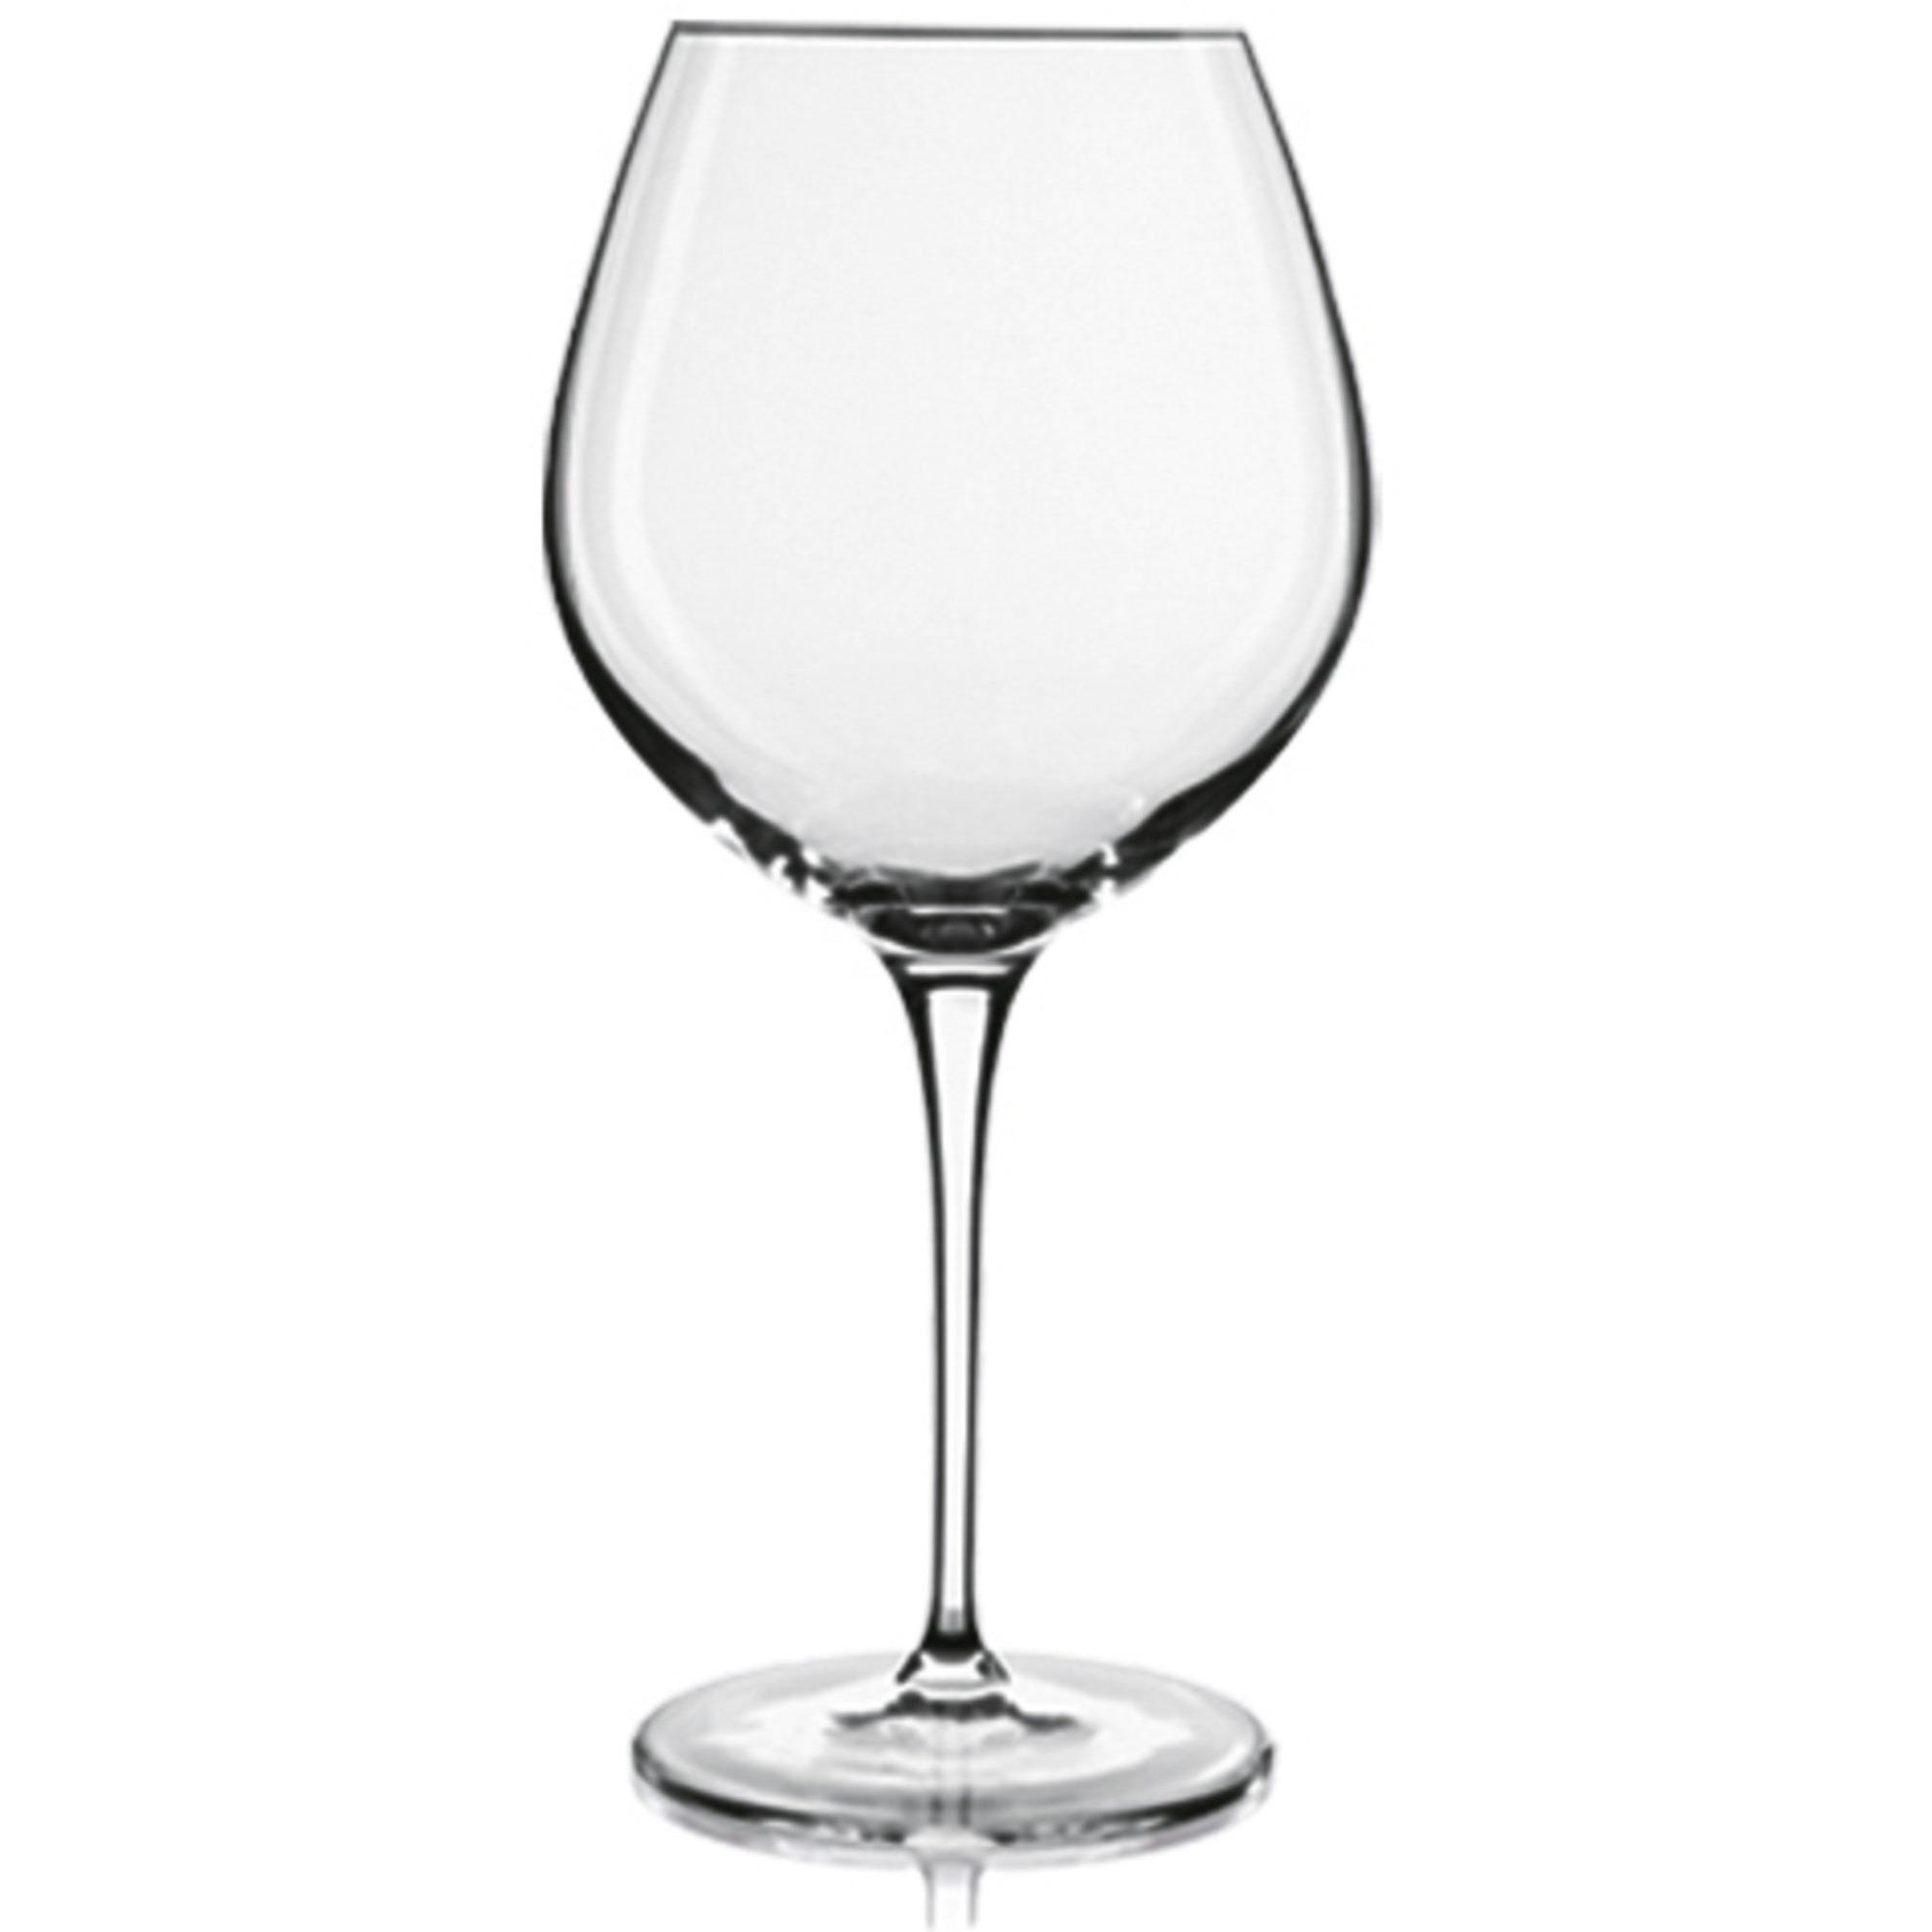 Luigi Bormioli Vinoteque Robusto rödvinsglas